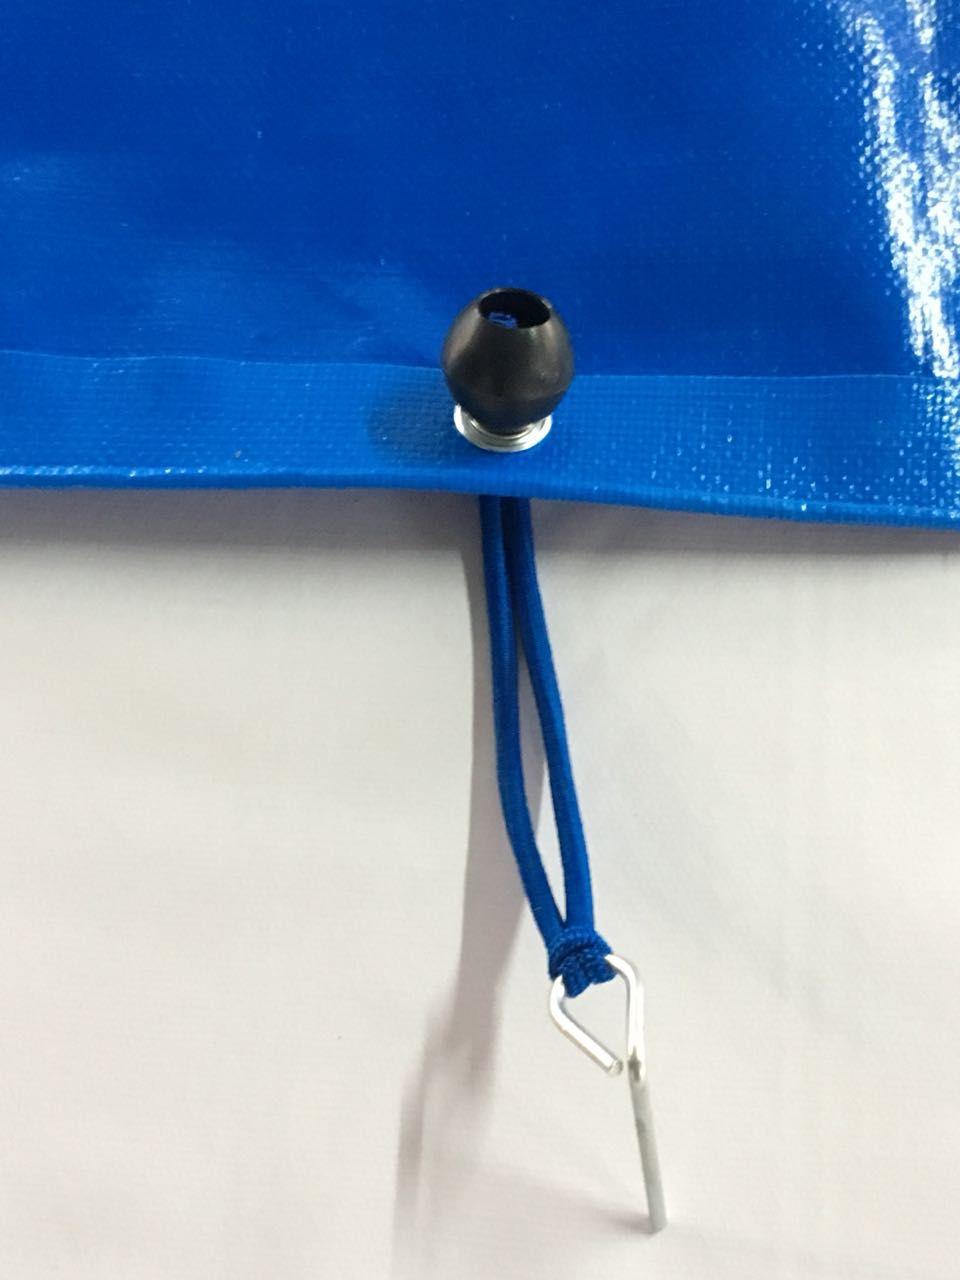 Capa para Piscina SL 500 Azul Completa com Acessórios Pinos e Extensores 6x3,5 m